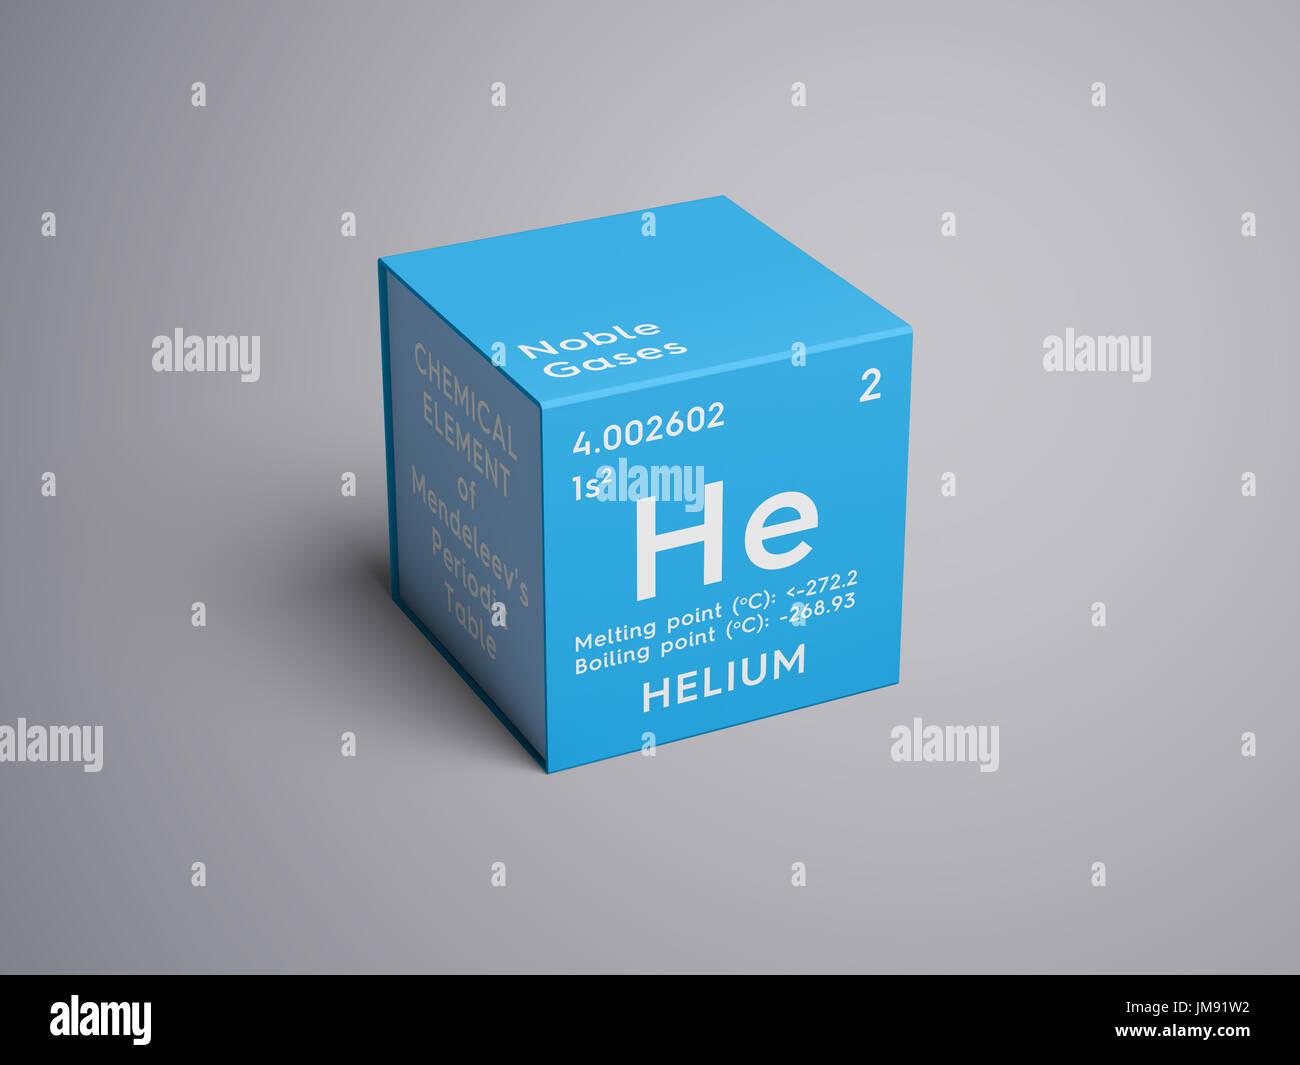 Helio los gases nobles elemento qumico de la tabla peridica de helio los gases nobles elemento qumico de la tabla peridica de mendeleyev helio en square cube concepto creativo urtaz Images